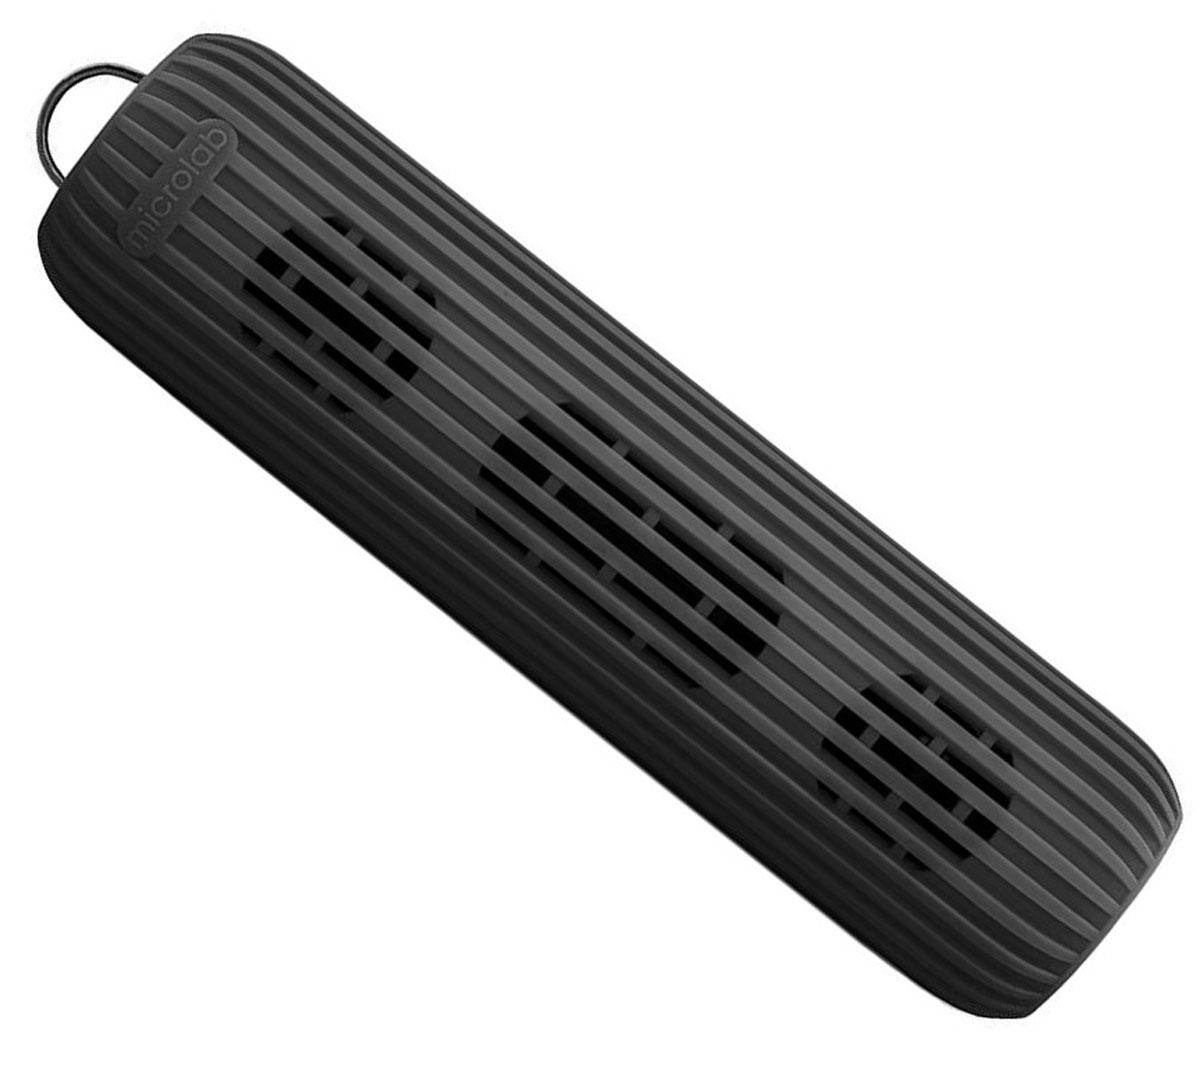 Microlab D21, Black портативная акустическая система80527Акустическая система необычной формы и дизайна ориентирована на людей, ведущих активный образ жизни. D21 способна стать прекрасным спутником как на небольшом пикнике на природе, так и в долгом походе. Благодаря силиконовому покрытию корпуса, сателлит прощает слушателю небольшие ударные воздействия, а также прекрасно переносит как росу, так и небольшой дождик, что наряду с пылью, может стать фатальным для других портативных акустических систем.Небольшие размеры обеспечивают портативность системы, она не занимает много места и поместится в любом рюкзаке или сумке, а идущий в комплекте шнурок способен закрепить сателлит в походном варианте, позволяя избежать потери колонки.В Bluetooth-режиме при входящем звонке на телефон, можно ответить на звонок через сателлит. Благодаря встроенному в колонку микрофону, телефон искать не обязательно.Колонка способна воспроизводить музыку без источника звука. Чтобы послушать музыку, вам не обязательно разряжать собственный телефон, достаточно вставить Micro SD-card в колонку и наслаждаться любимыми мелодиями.Многообразие цветов. Microlab D21 представлена в 5 цветах, можно выбрать ту расцветку, которая подходит именно вам.Литиевая батарея: 3,7 В; 1200 мАч